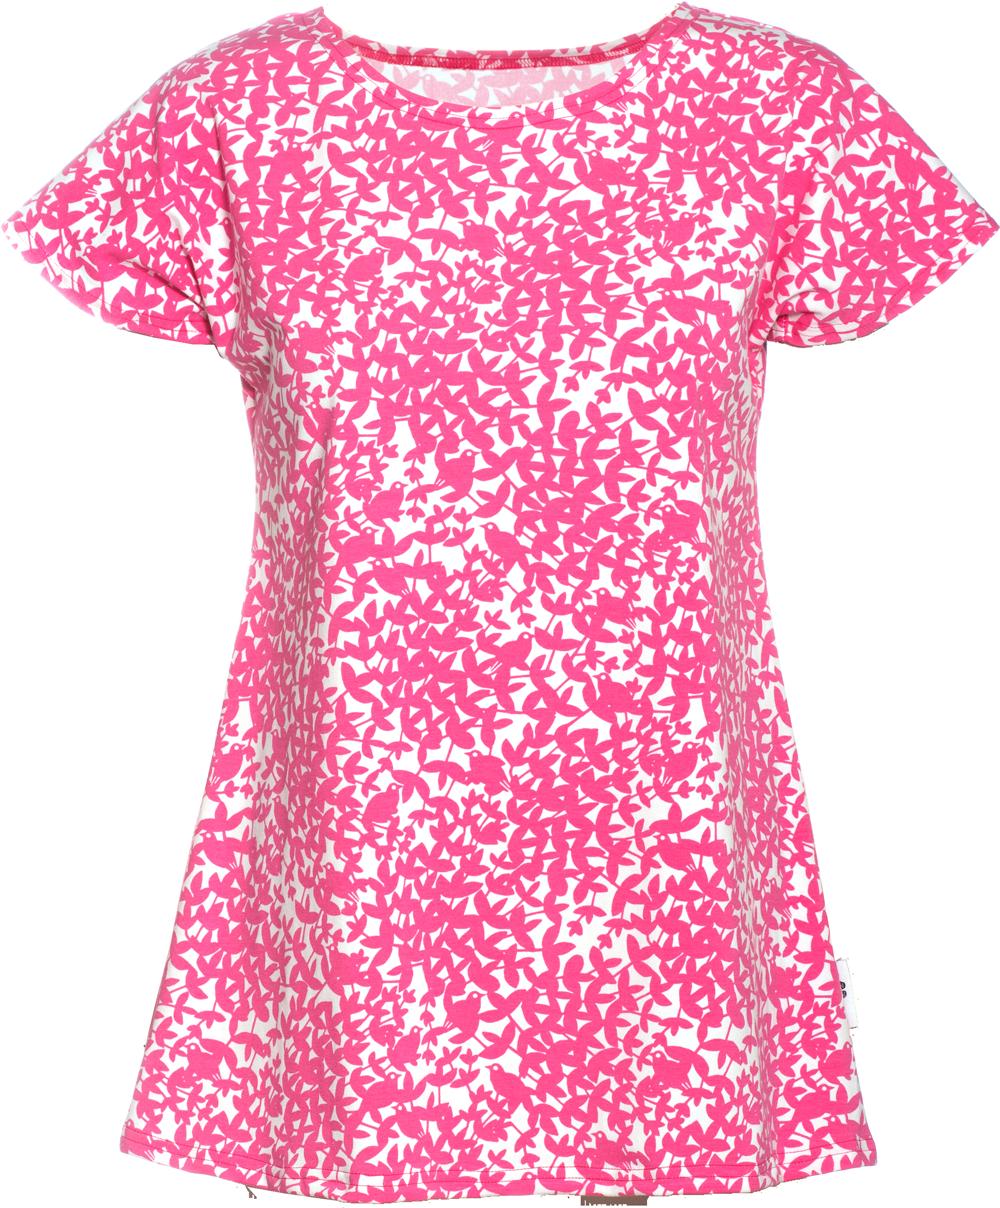 PaaPii Design: Vuono-paita Satakieli-kuosilla